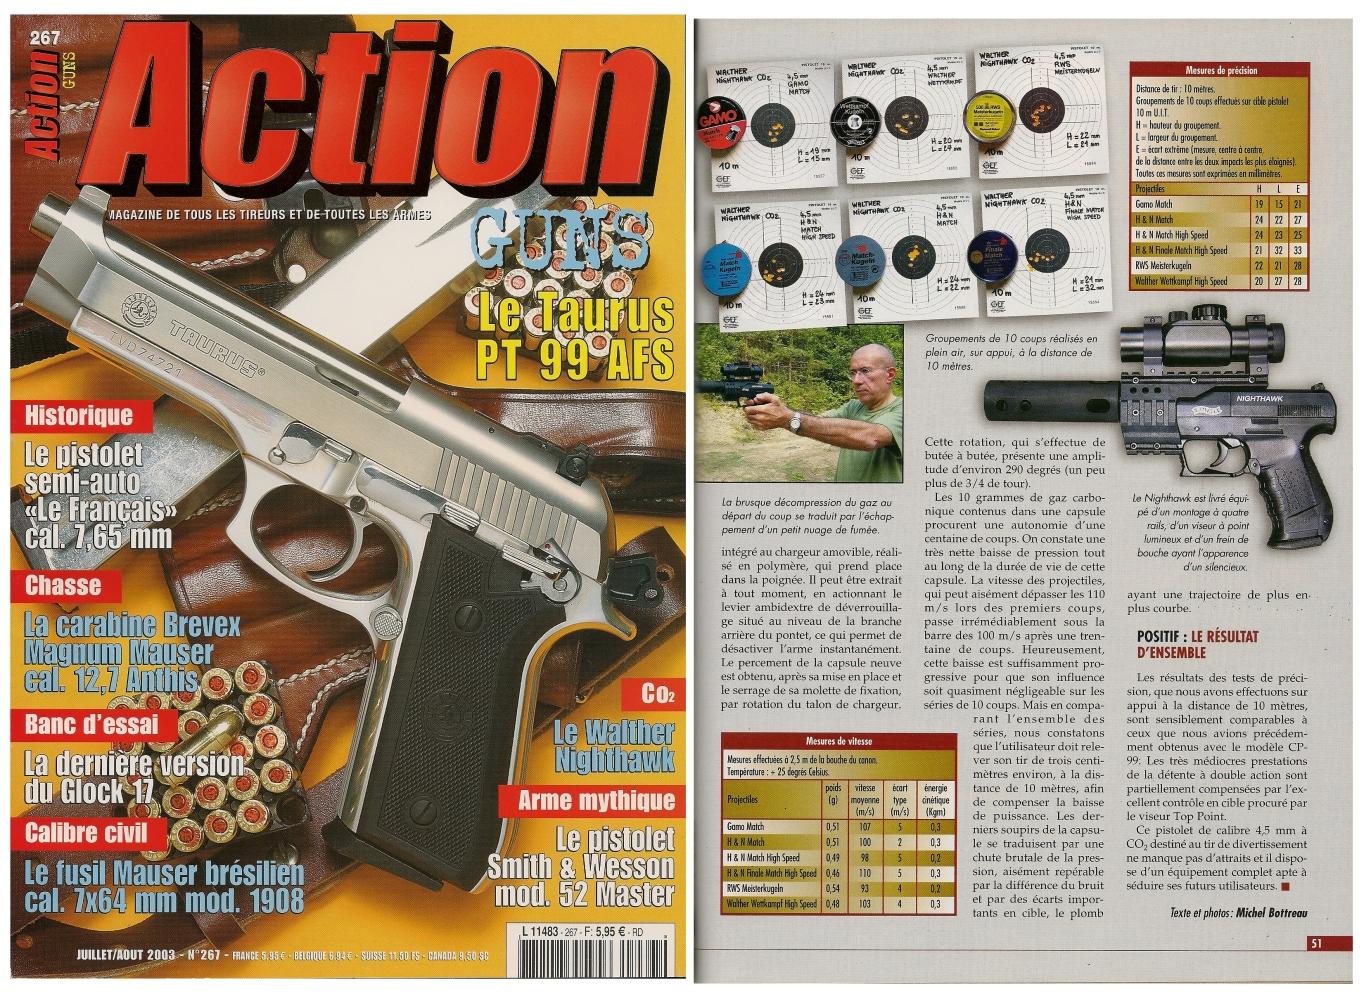 Le banc d'essai du pistolet à CO2 Walther Nighthawk a été publié sur 4 pages dans le magazine Action Guns n°267 (juillet/août 2003).